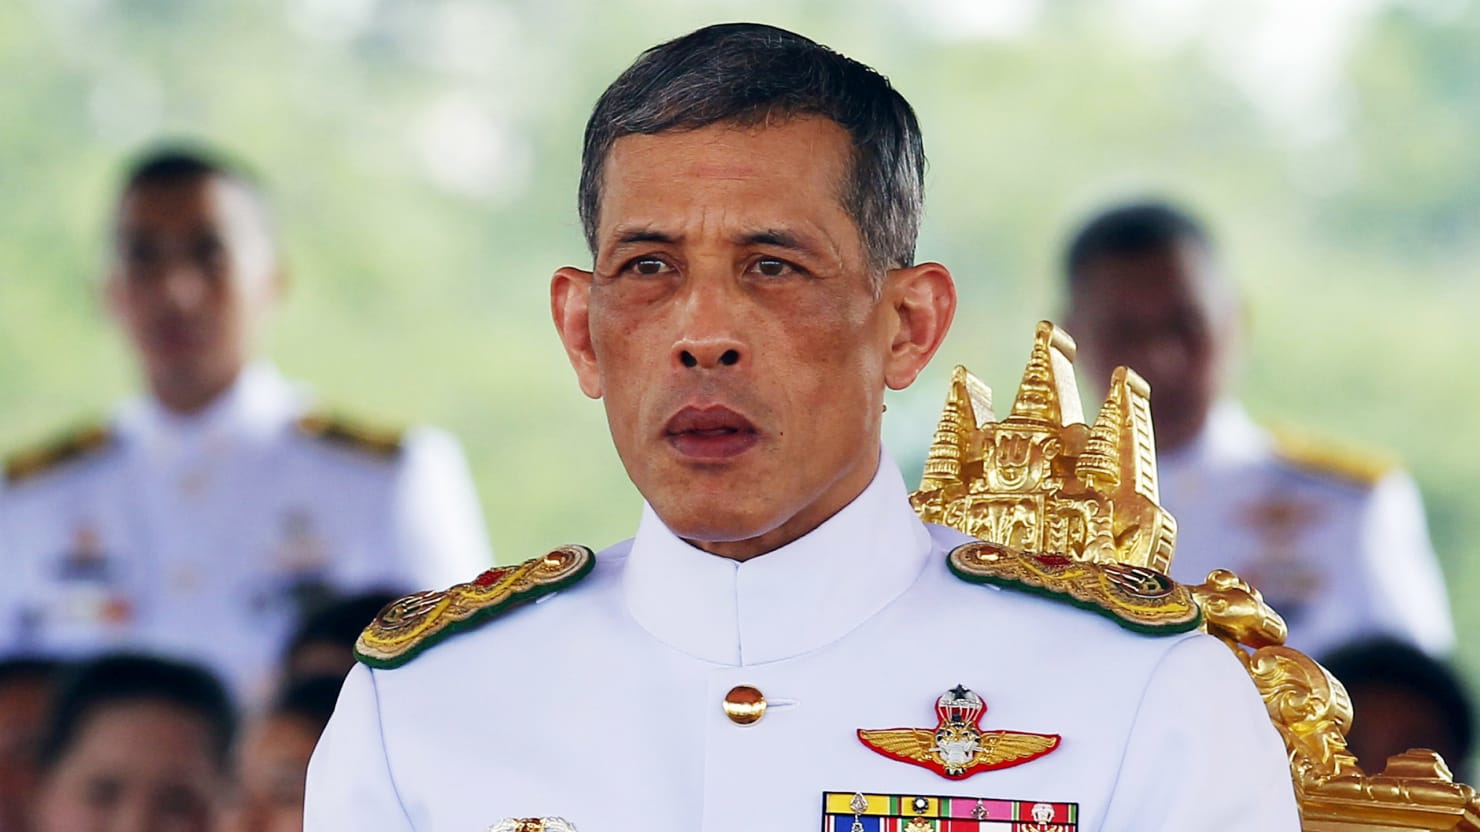 10 dấu ấn trong cuộc đời Quốc vương Bhumibol Adulyadej – Vị vua vĩ đại nhất lịch sử Thái Lan - Ảnh 11.